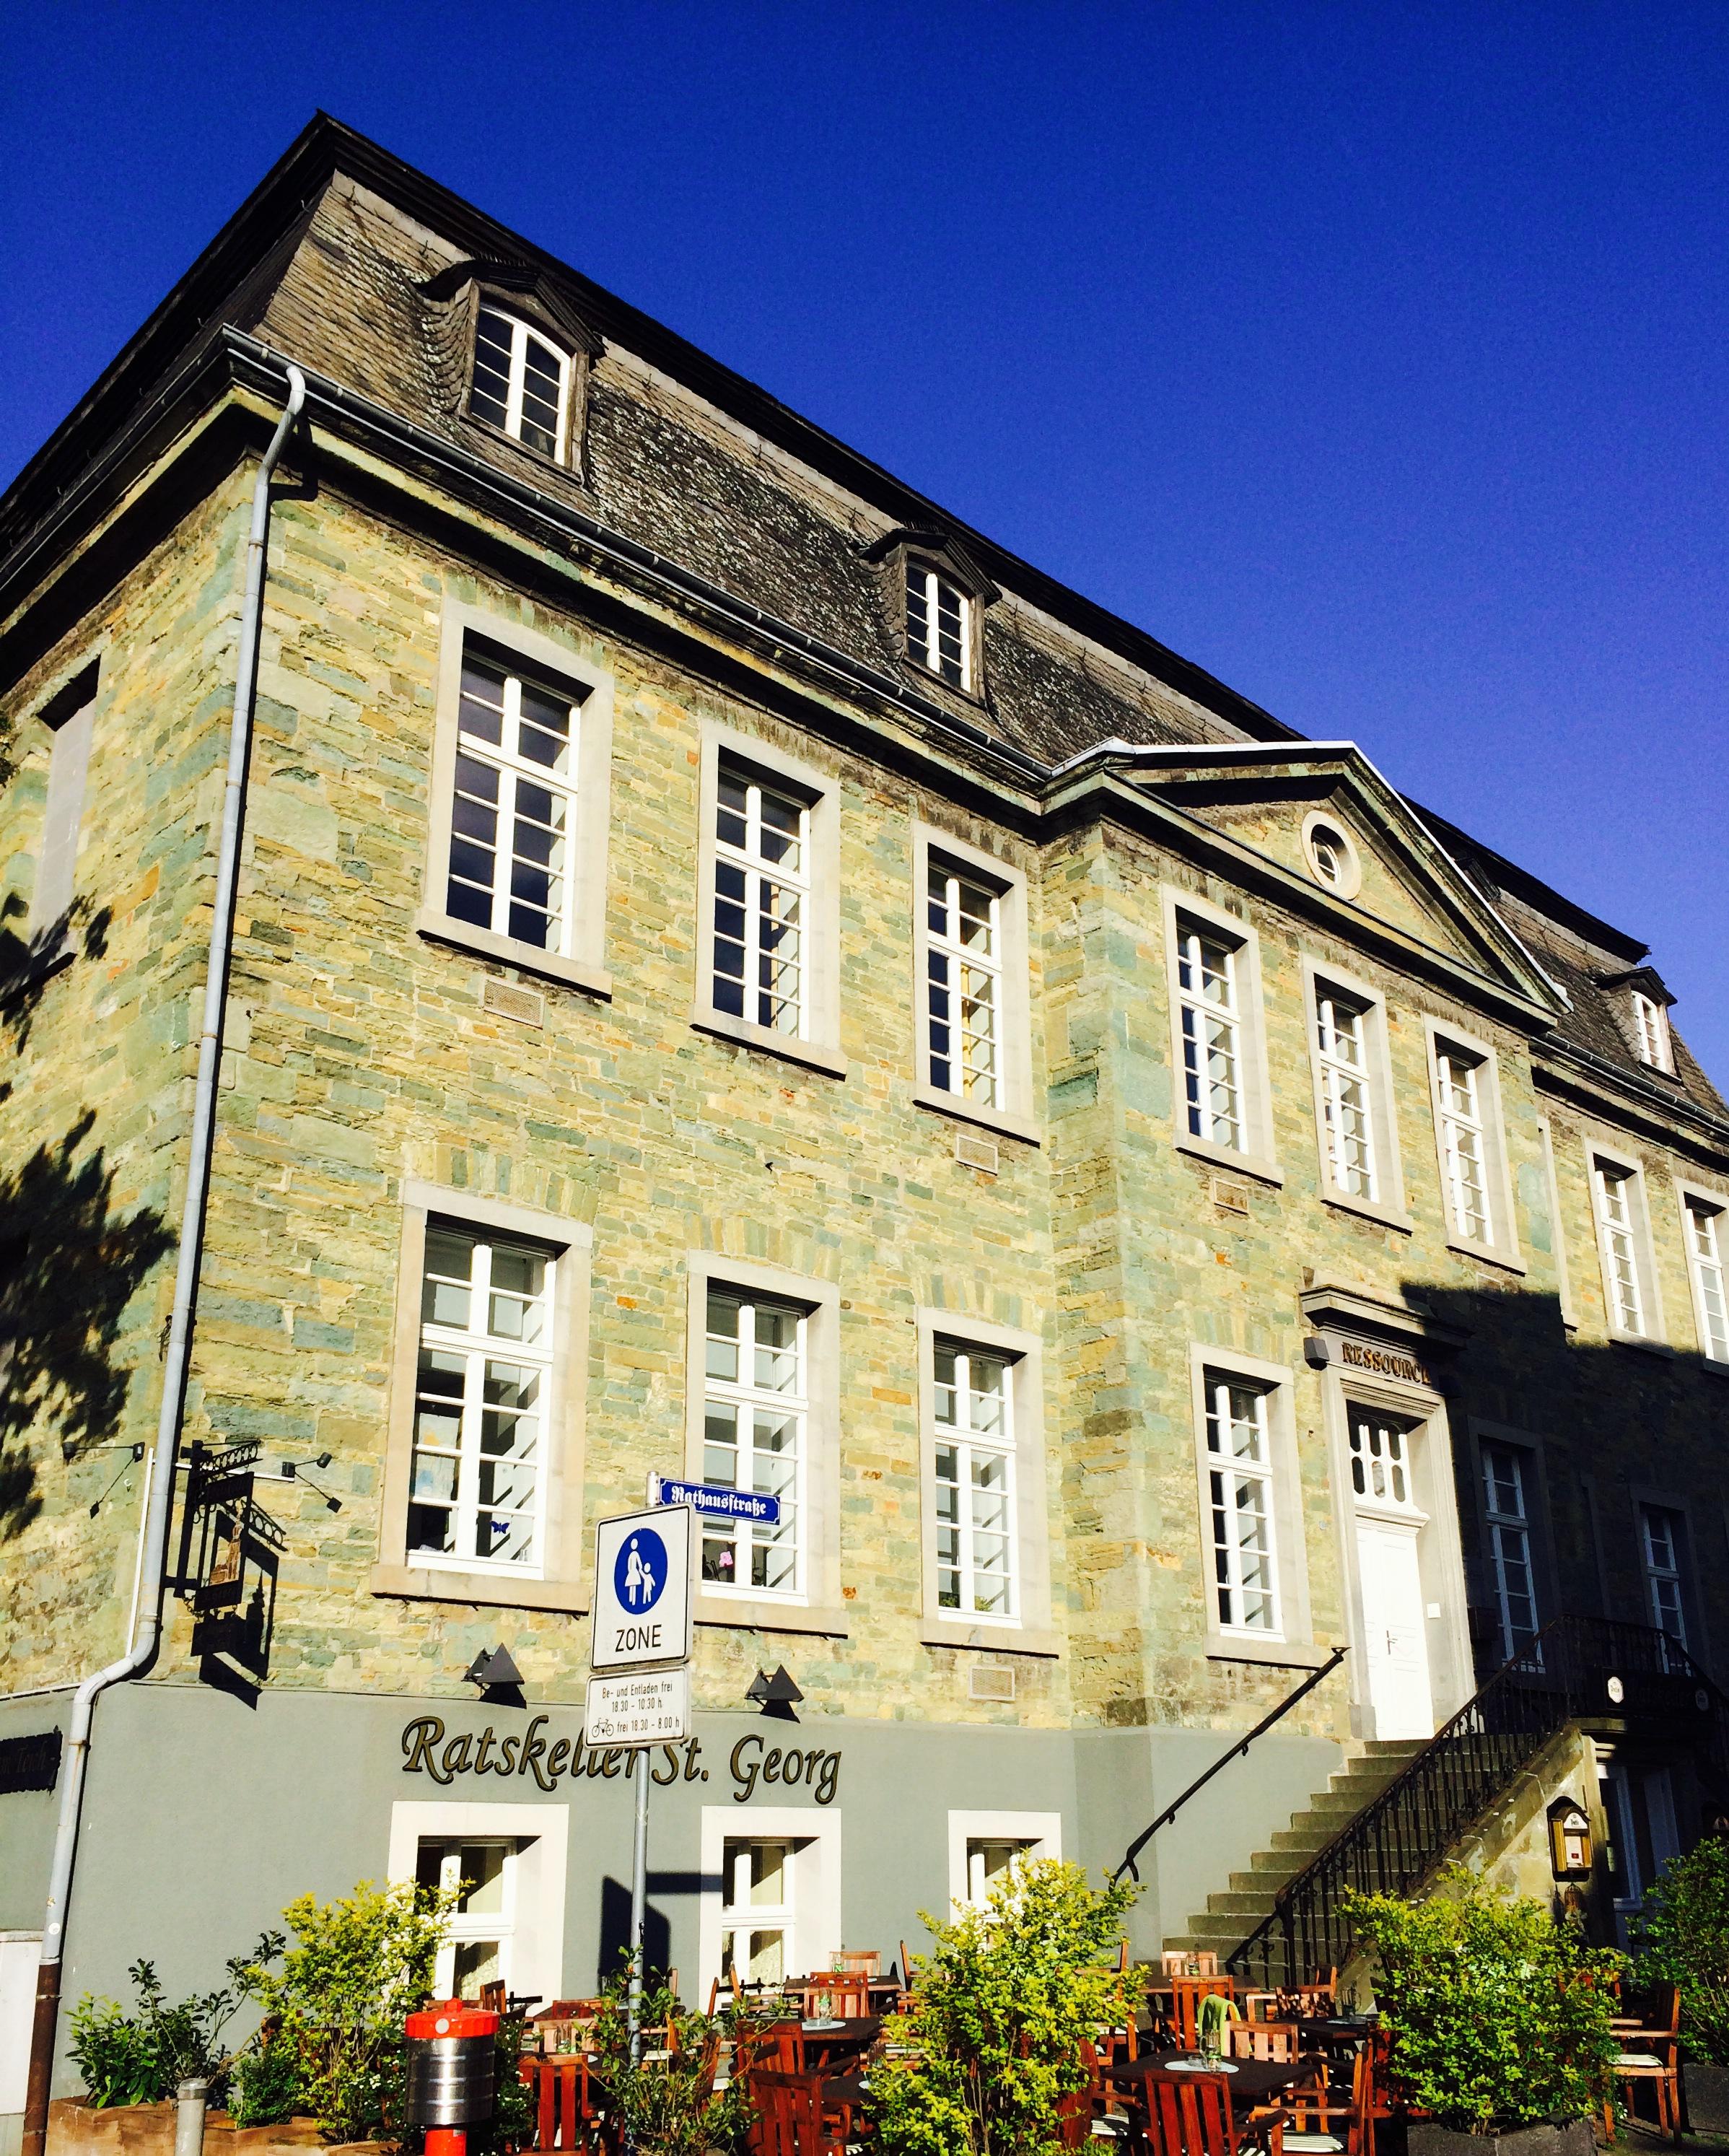 Ratskellergebäude in der Altstadt von Soest